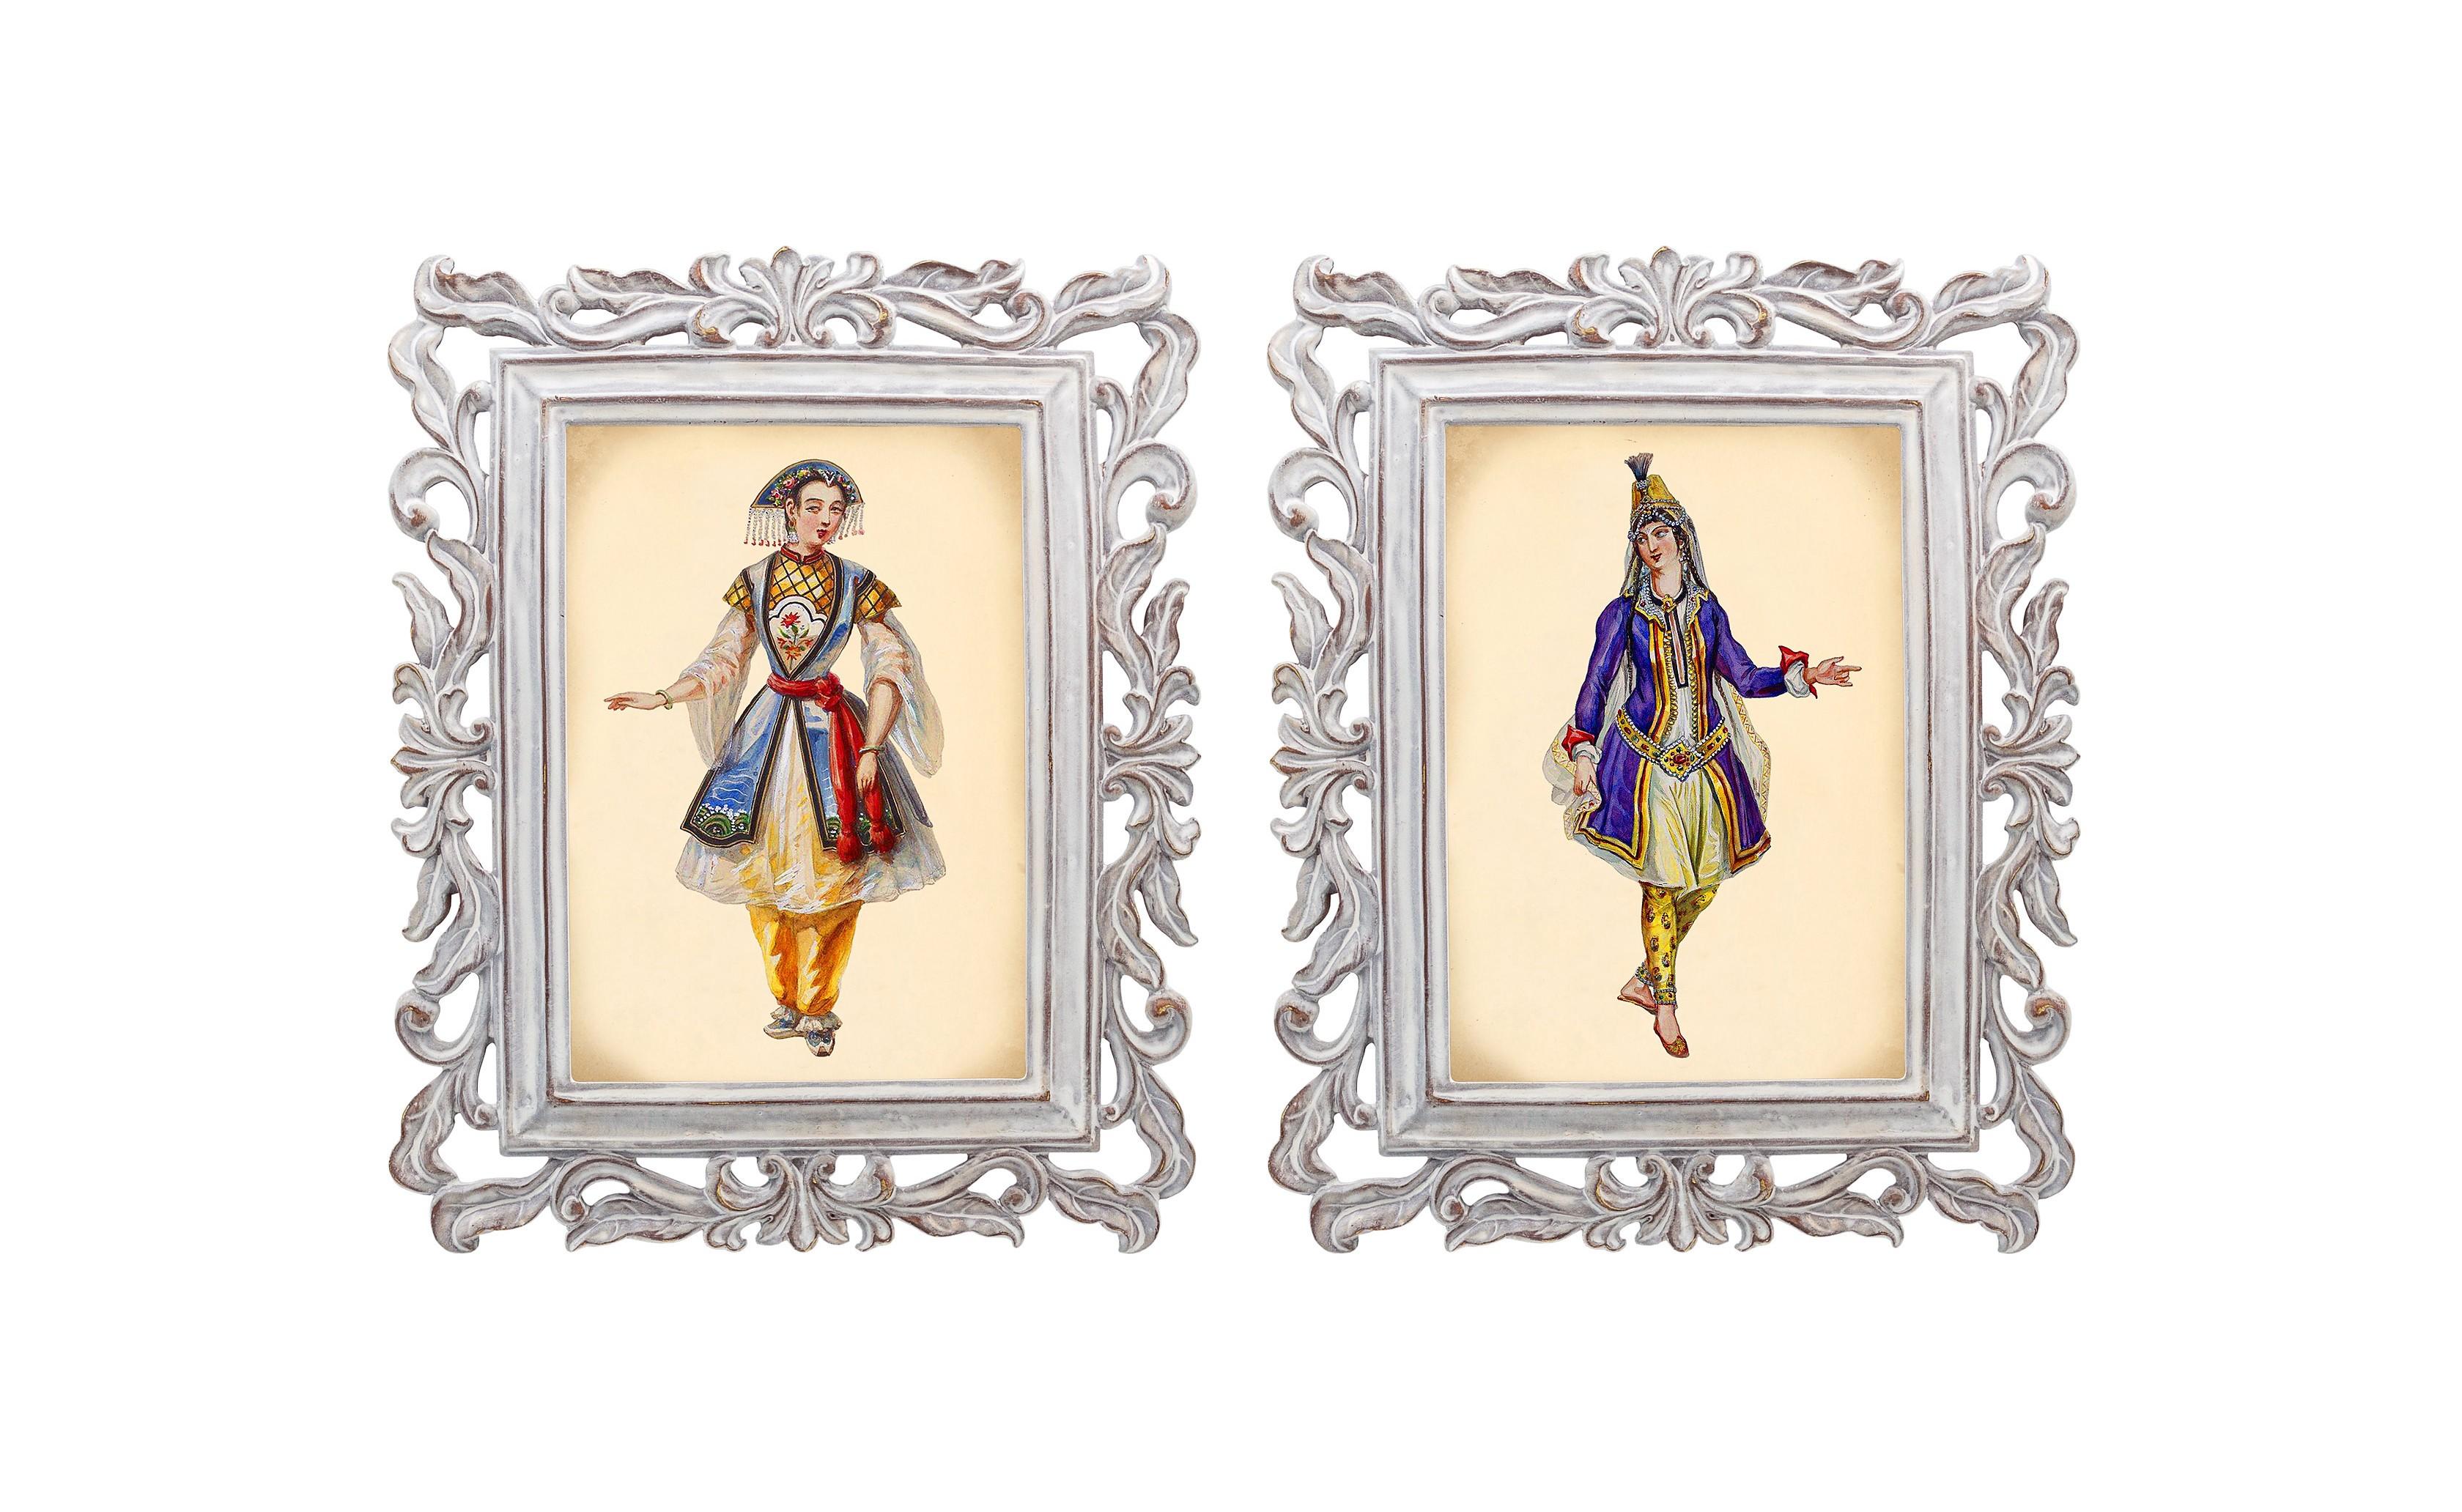 Набор из двух репродукций Агата и Бурлеск 16Картины<br>&amp;lt;div&amp;gt;Репродукции старинных картин из серии «Бурлеск», на которых изображены дамы в одежде викторианской эпохи, производят потрясающий эффект. Благородный кашемир, роскошный атлас, тончайший шелк и аристократический бархат символизируют роскошь и богатство. Эти репродукции непременно стоит разместить в Вашем доме!&amp;lt;/div&amp;gt;&amp;lt;div&amp;gt;Этот изящный предмет декора завораживает и создает особую уютную атмосферу.&amp;lt;/div&amp;gt;&amp;lt;div&amp;gt;Изображения картин наполнены уникальными эмоциями и тайной, скрытой под кристально прозрачным стеклом.&amp;lt;/div&amp;gt;<br><br>Material: Камень<br>Ширина см: 21<br>Высота см: 26<br>Глубина см: 1